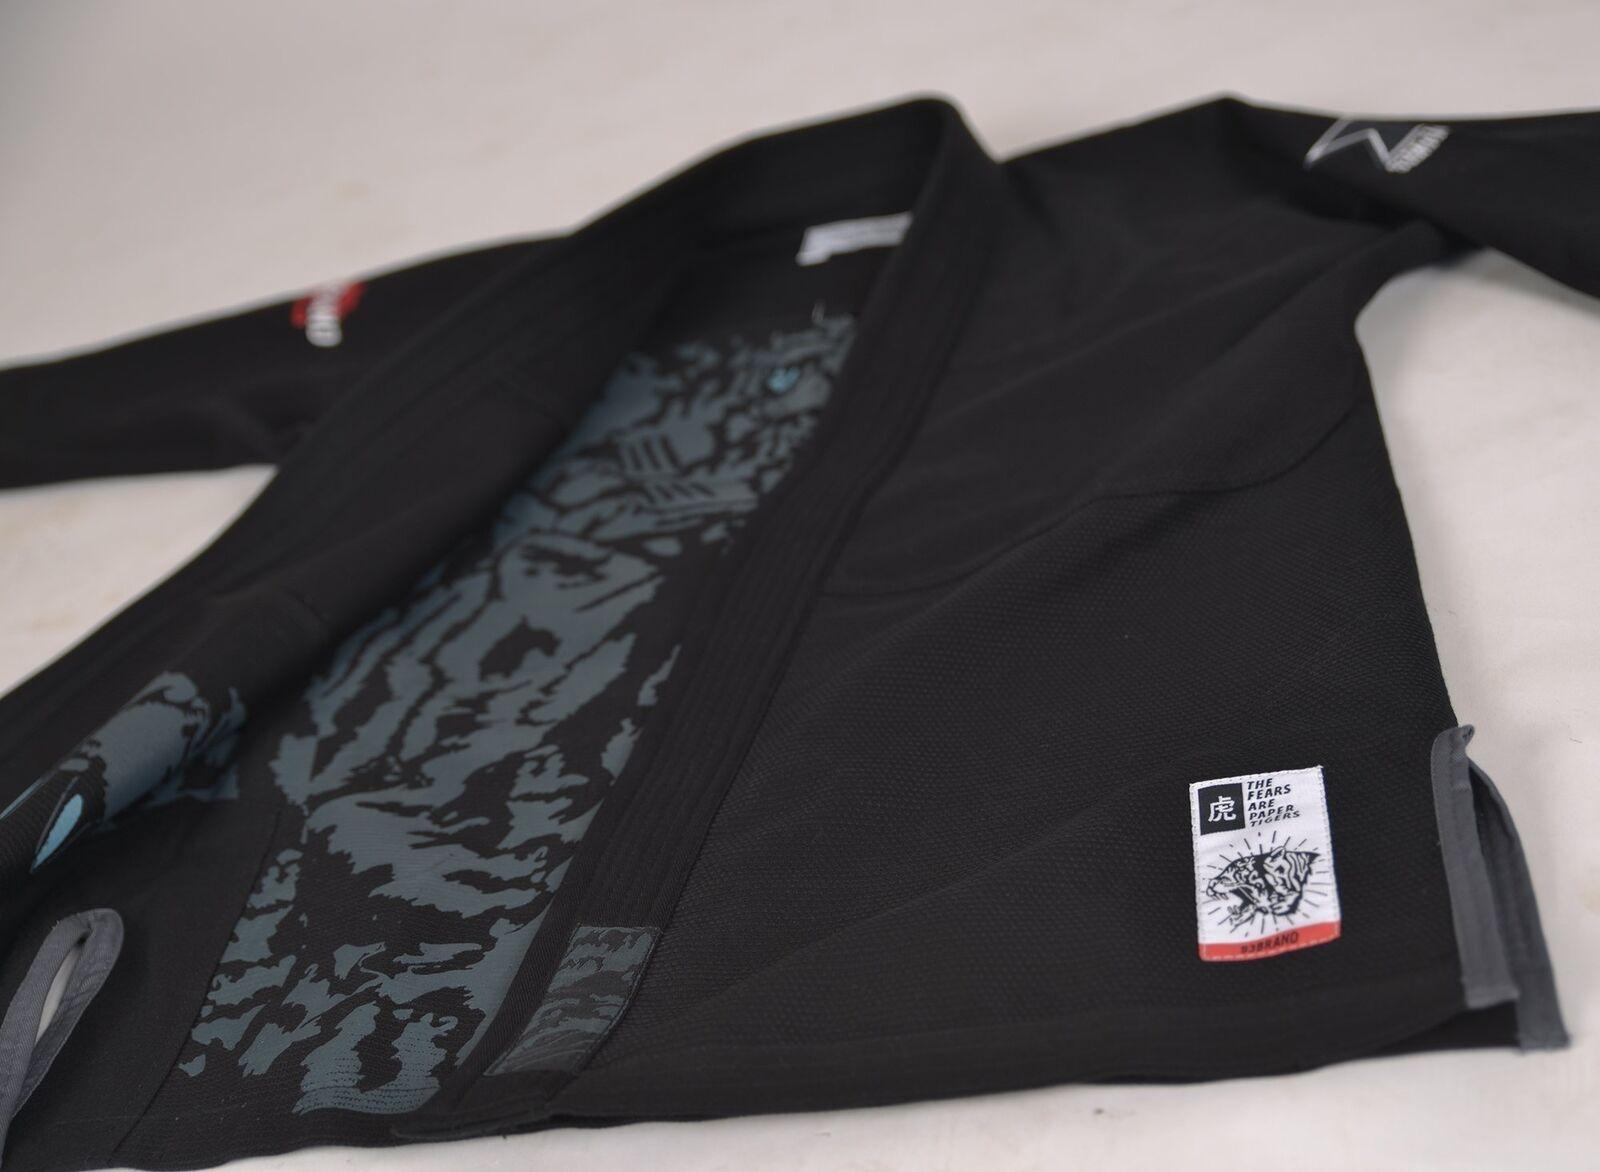 93 Brand  Dark Tiger  Jiu Jitsu Gi